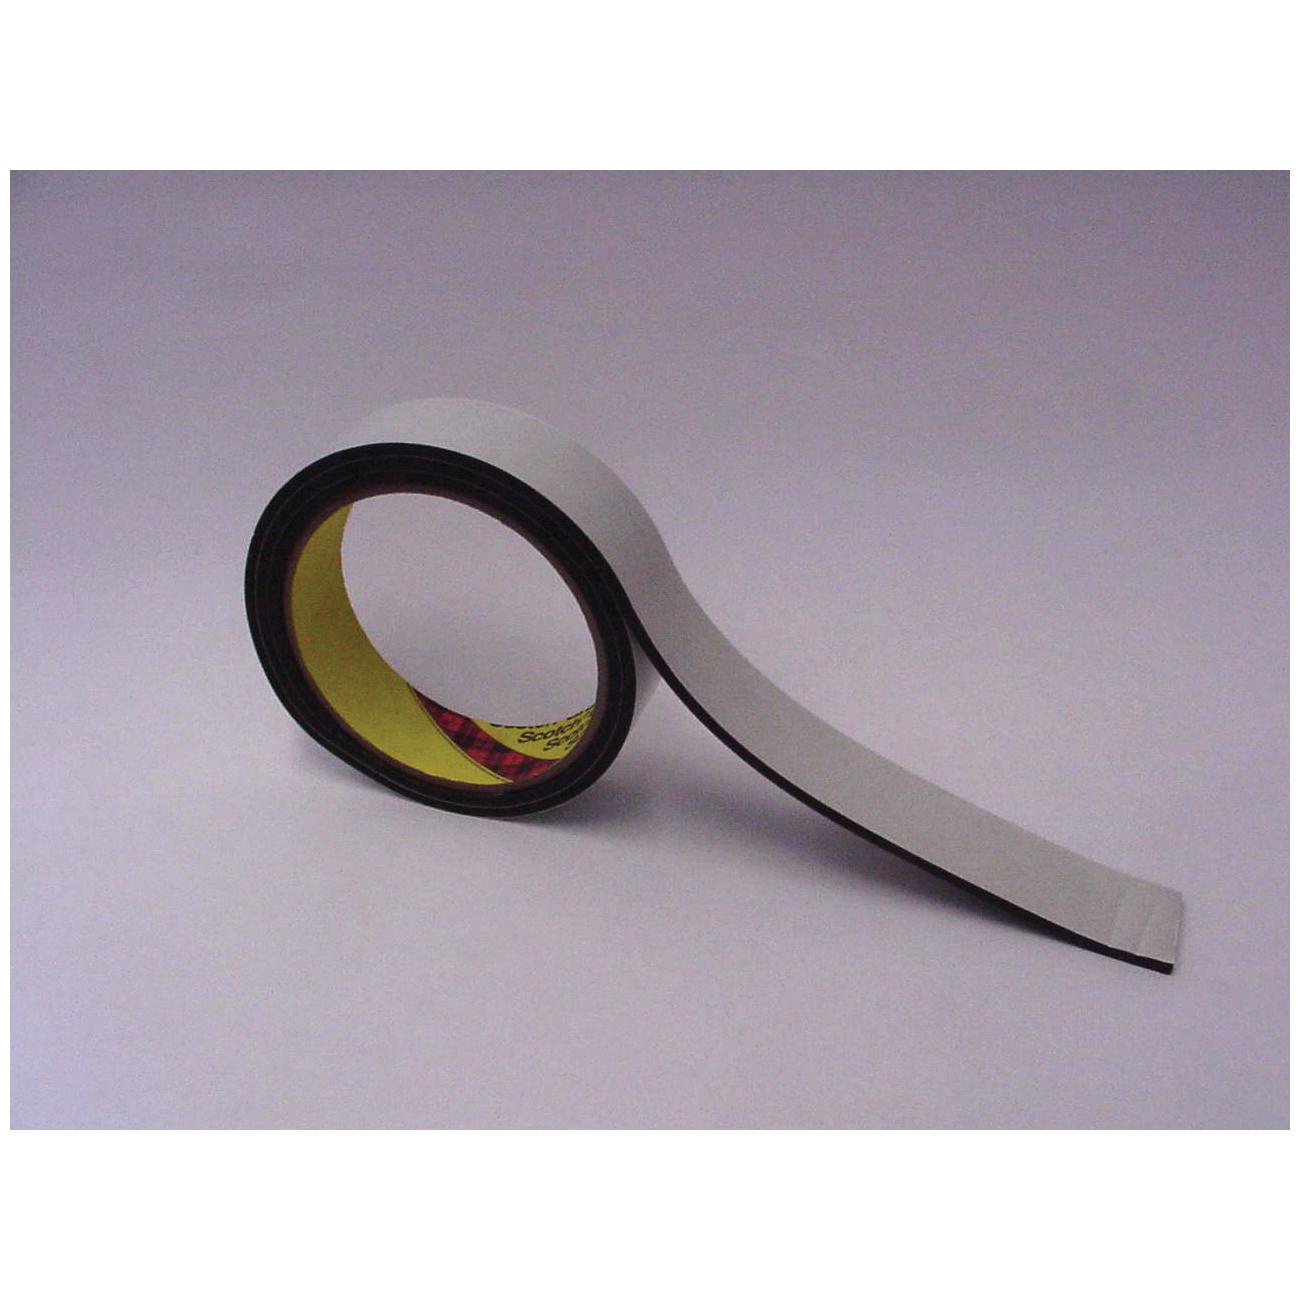 3M™ 021200-03310 4508 Single Coated Foam Tape, 1/4 in W x 36 yd Roll L, 125 mil THK, Black